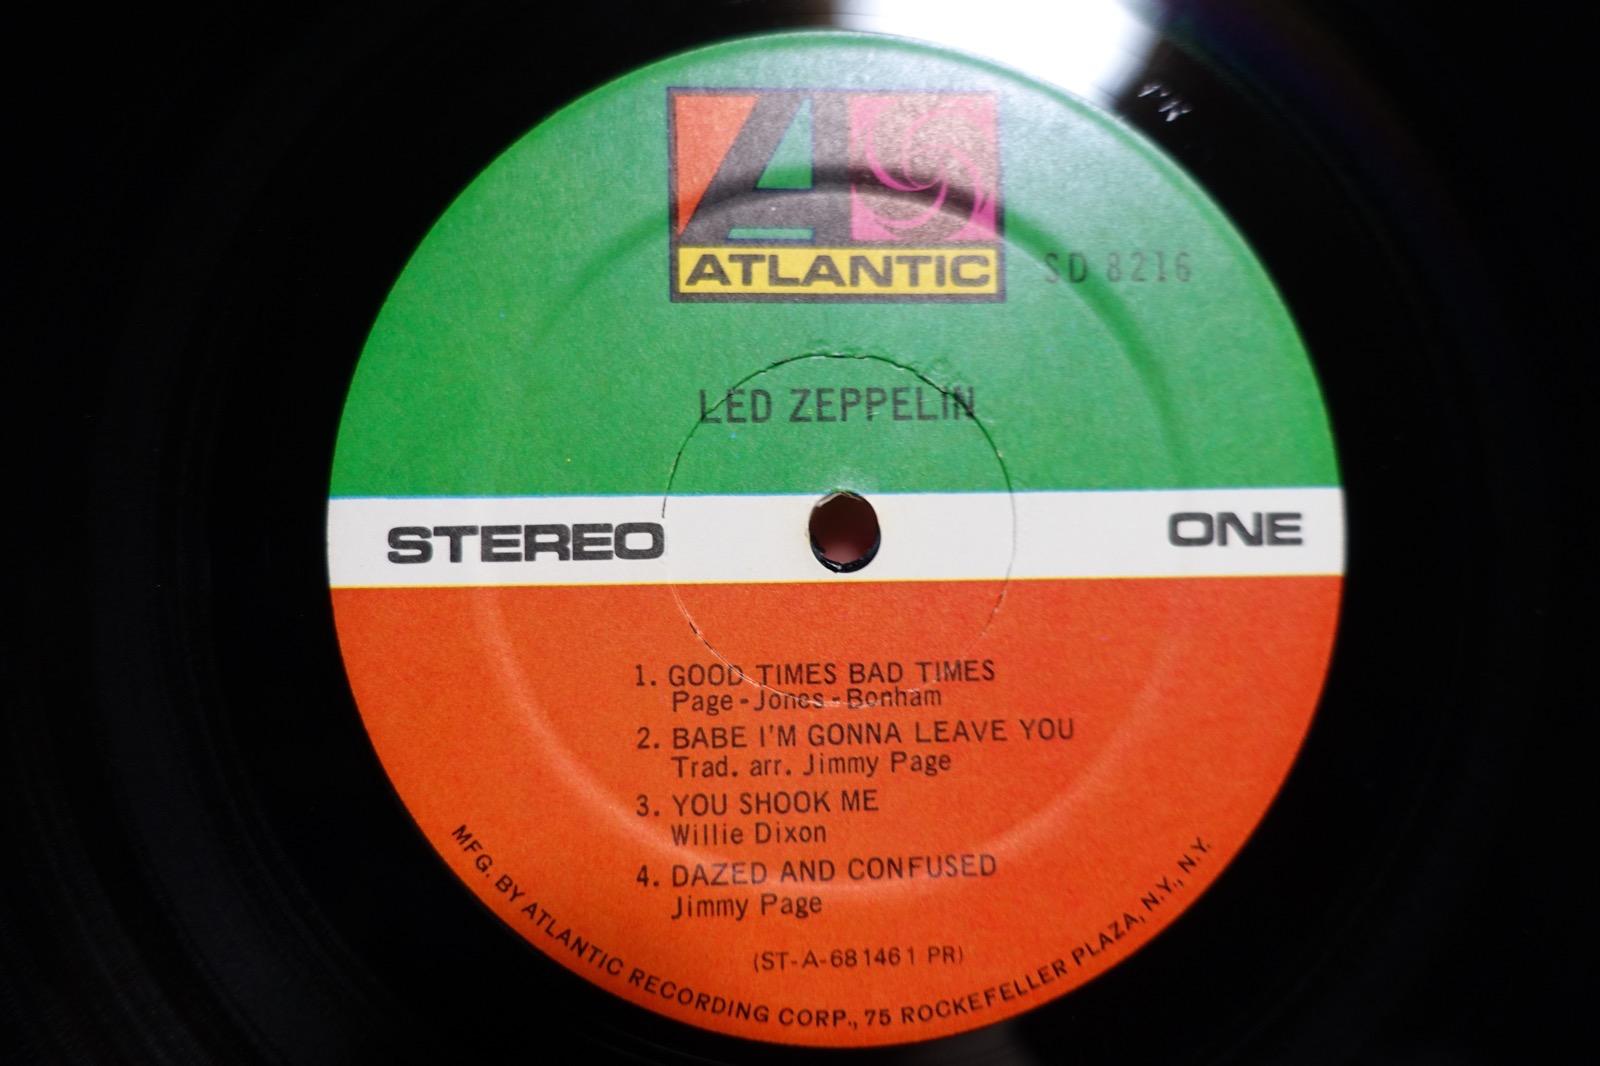 Led Zeppelin Ⅰのレーベル面